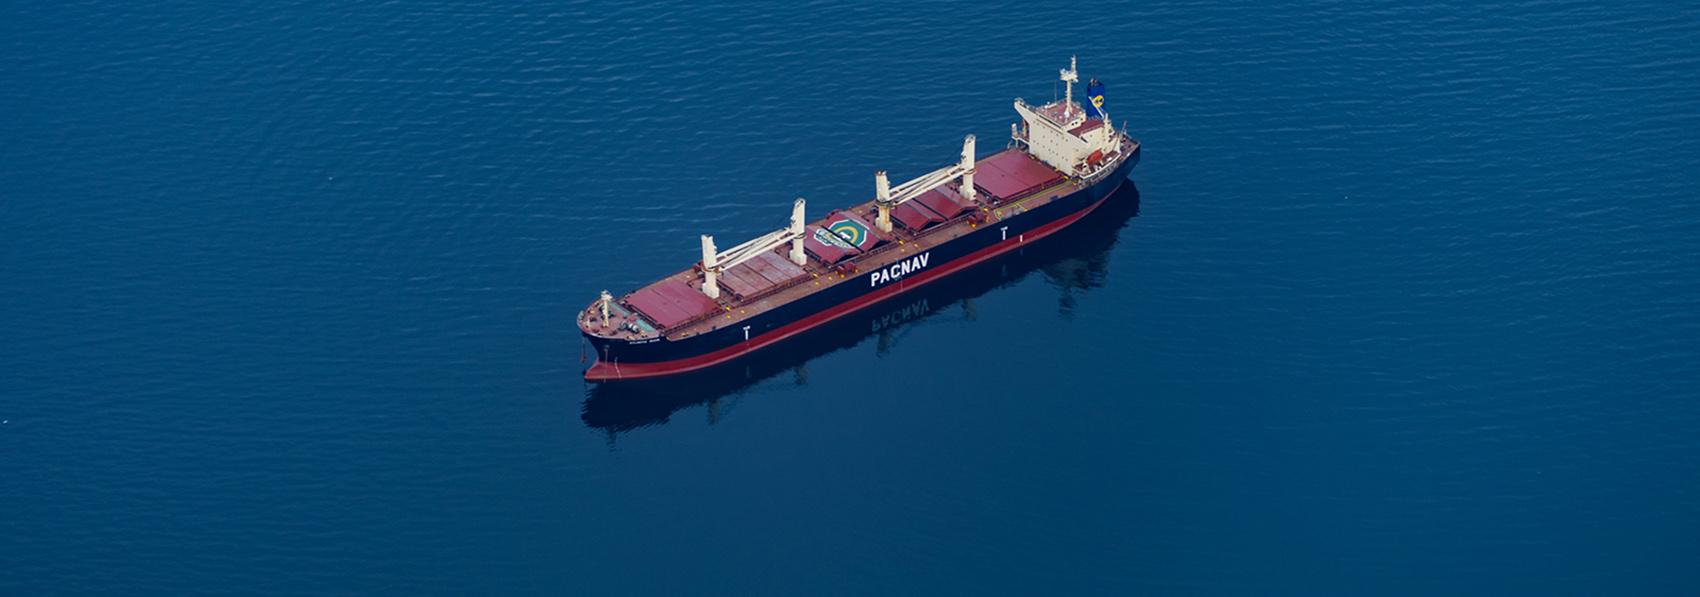 Bateau cargo transportant des marchandises traversant l'ocean